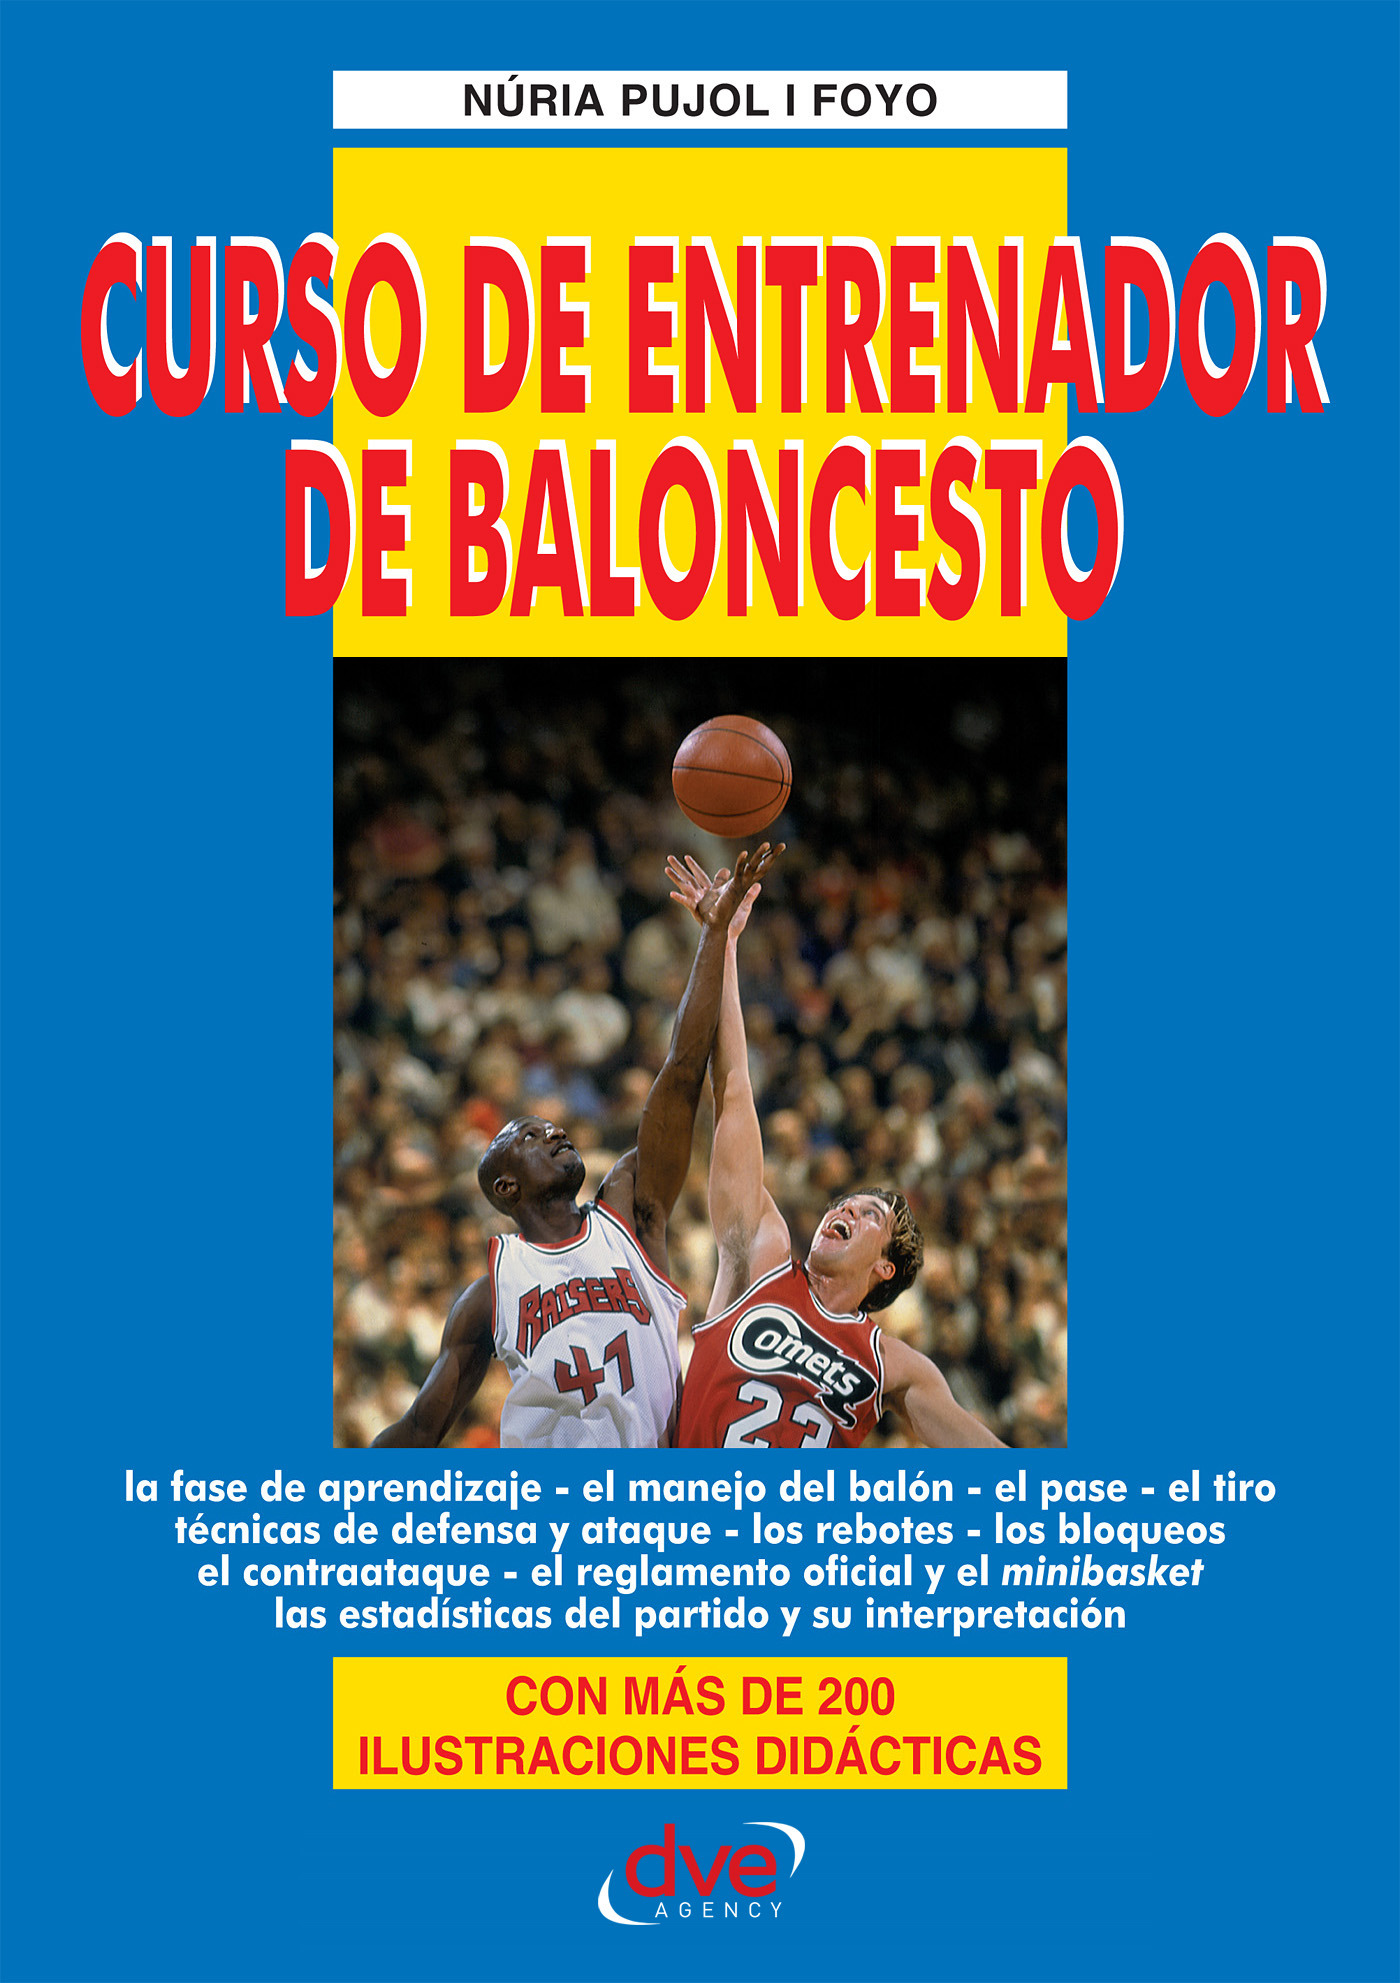 Foyo, Núria Pujol i - Curso de entrenador de baloncesto, ebook